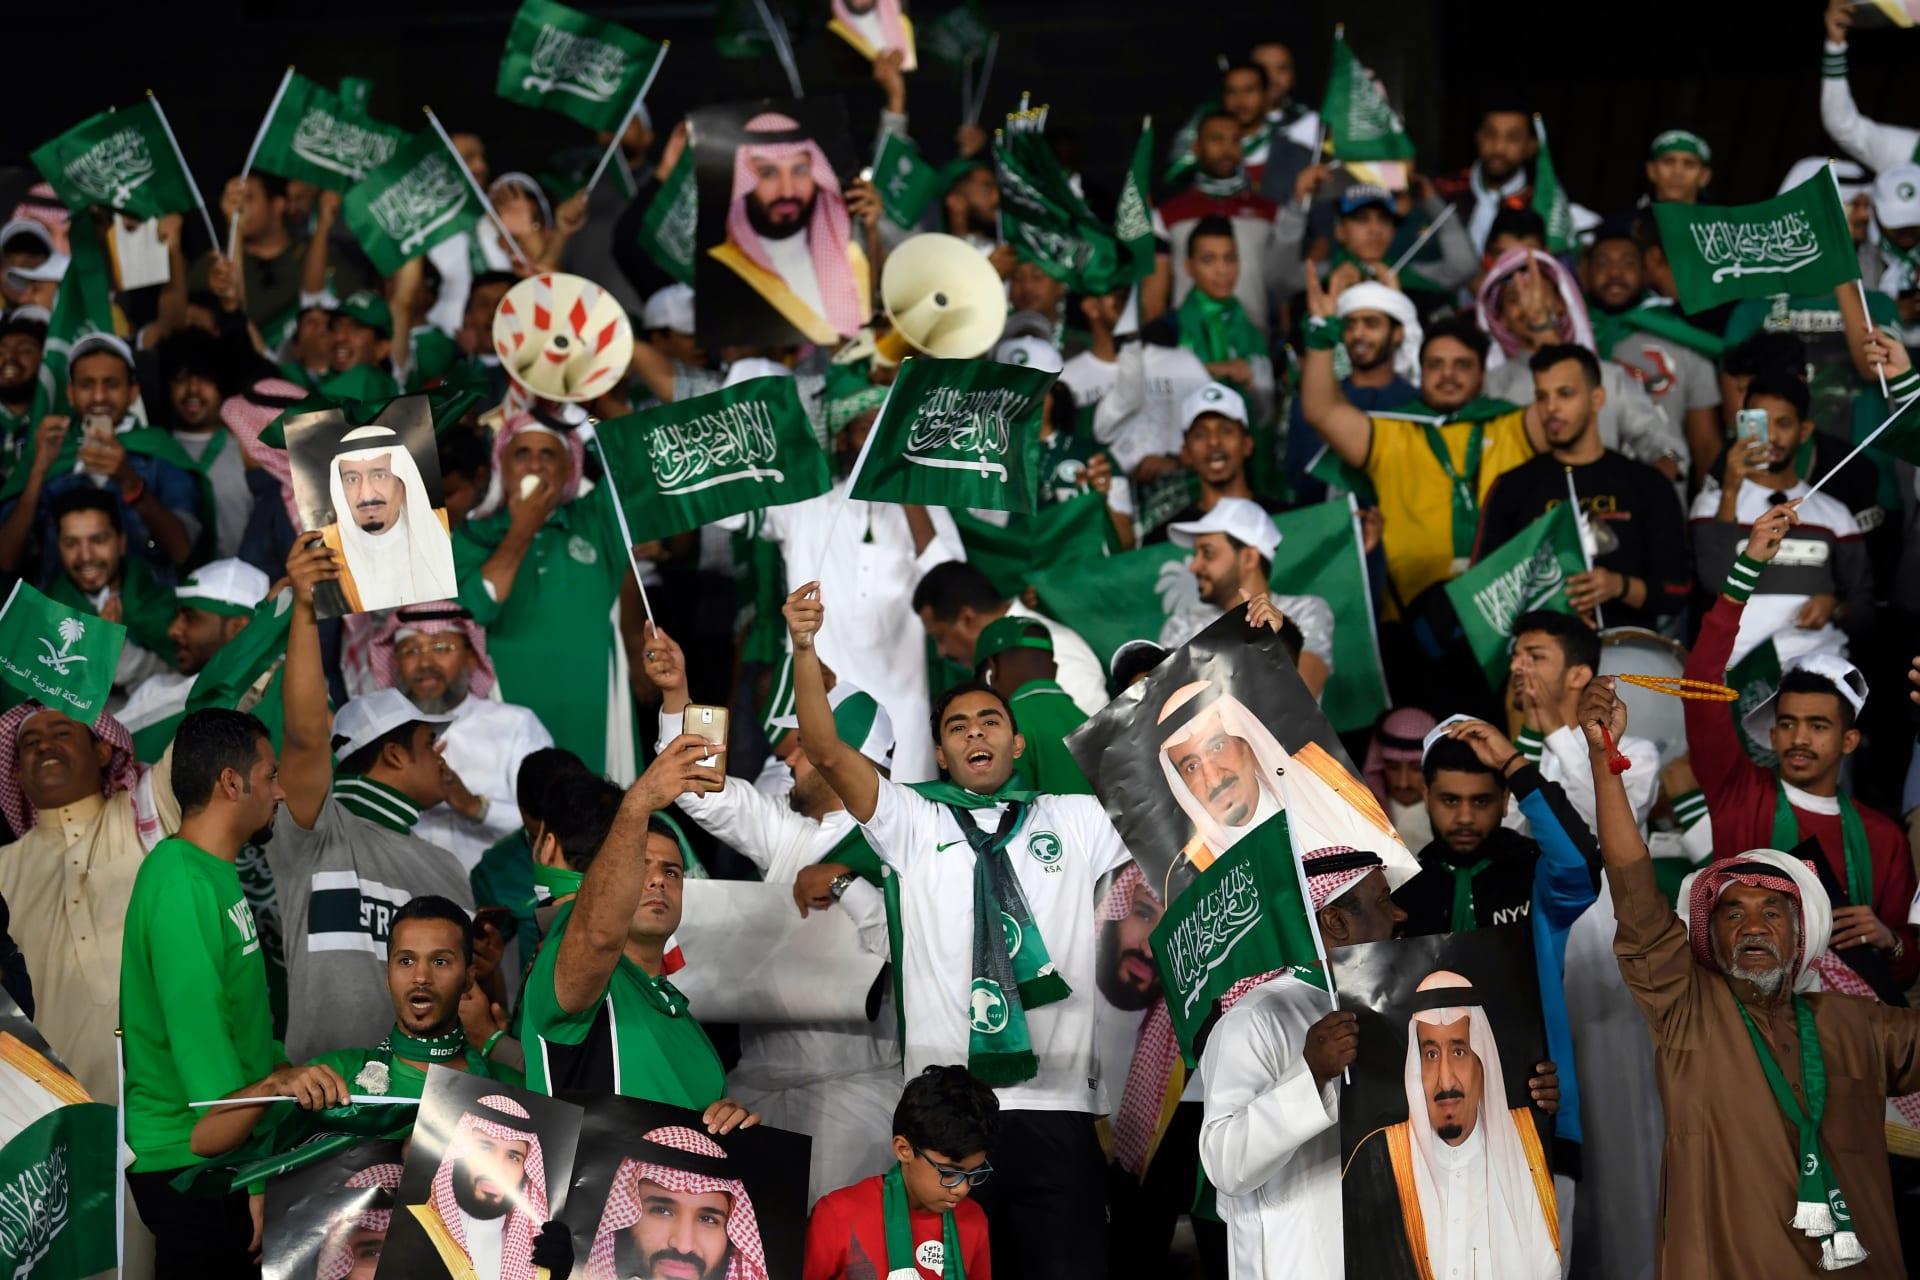 نائب رئيس ناد سعودي يعلن إصابته بفيروس كورونا المستجد ويكشف الدولة التي عاد منها